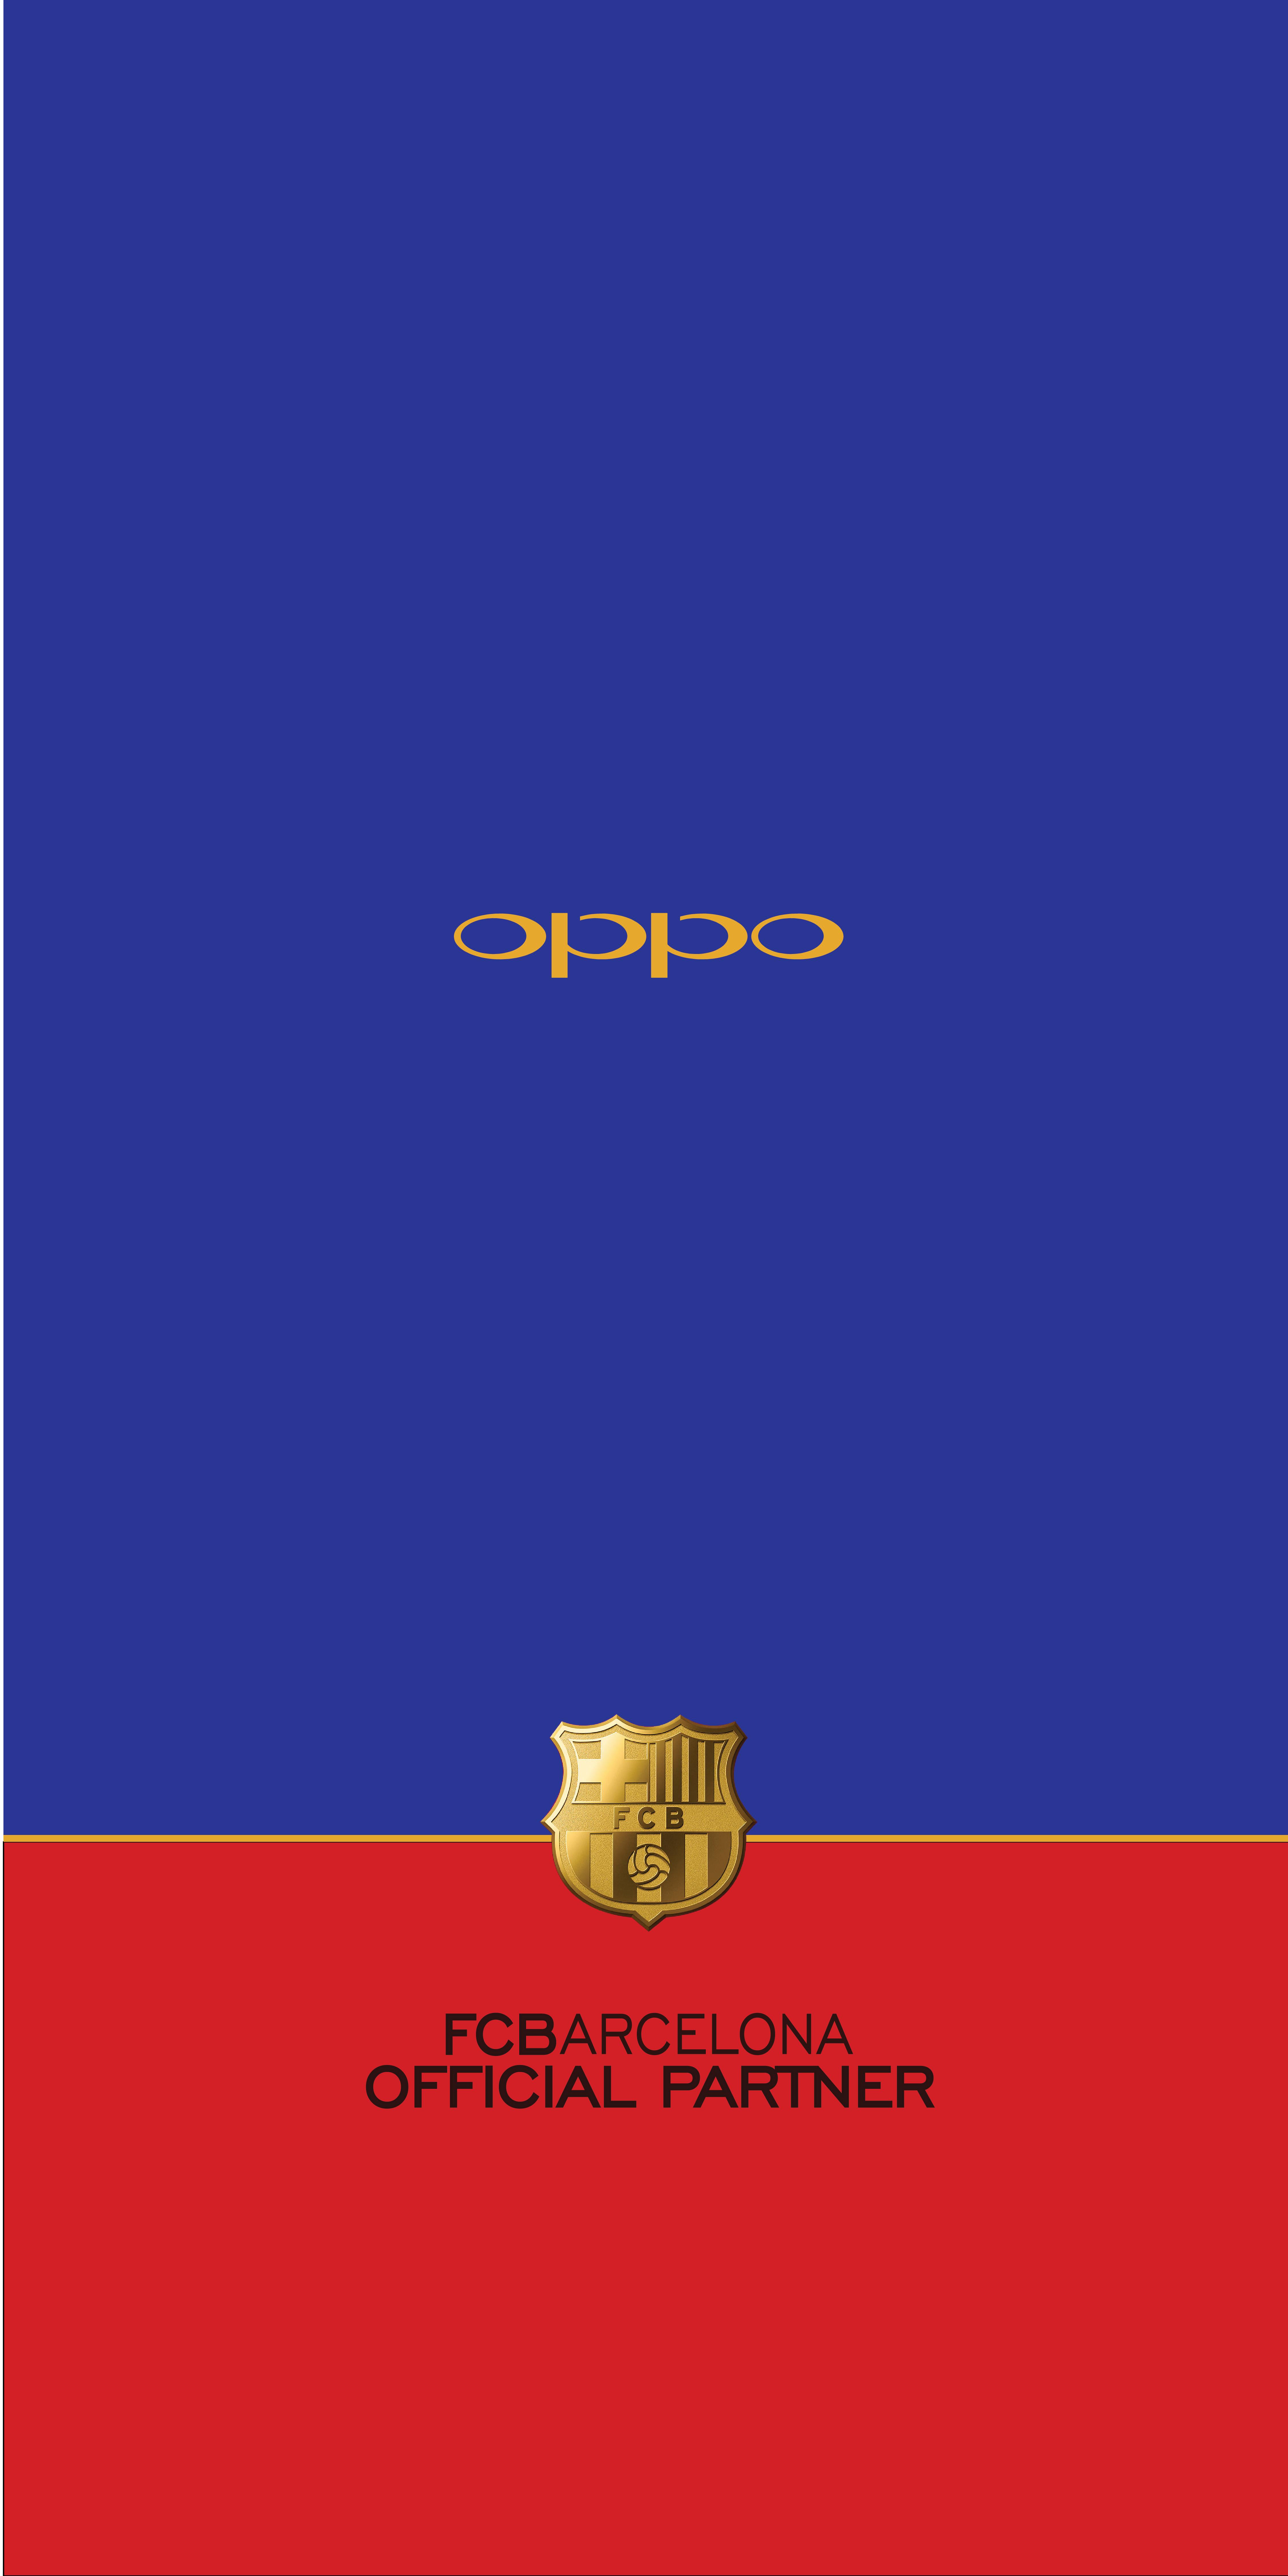 Wallpaper Oppo F5 FCB Edit 001 Wallpaper HD Oppo in 2019 4500x9000